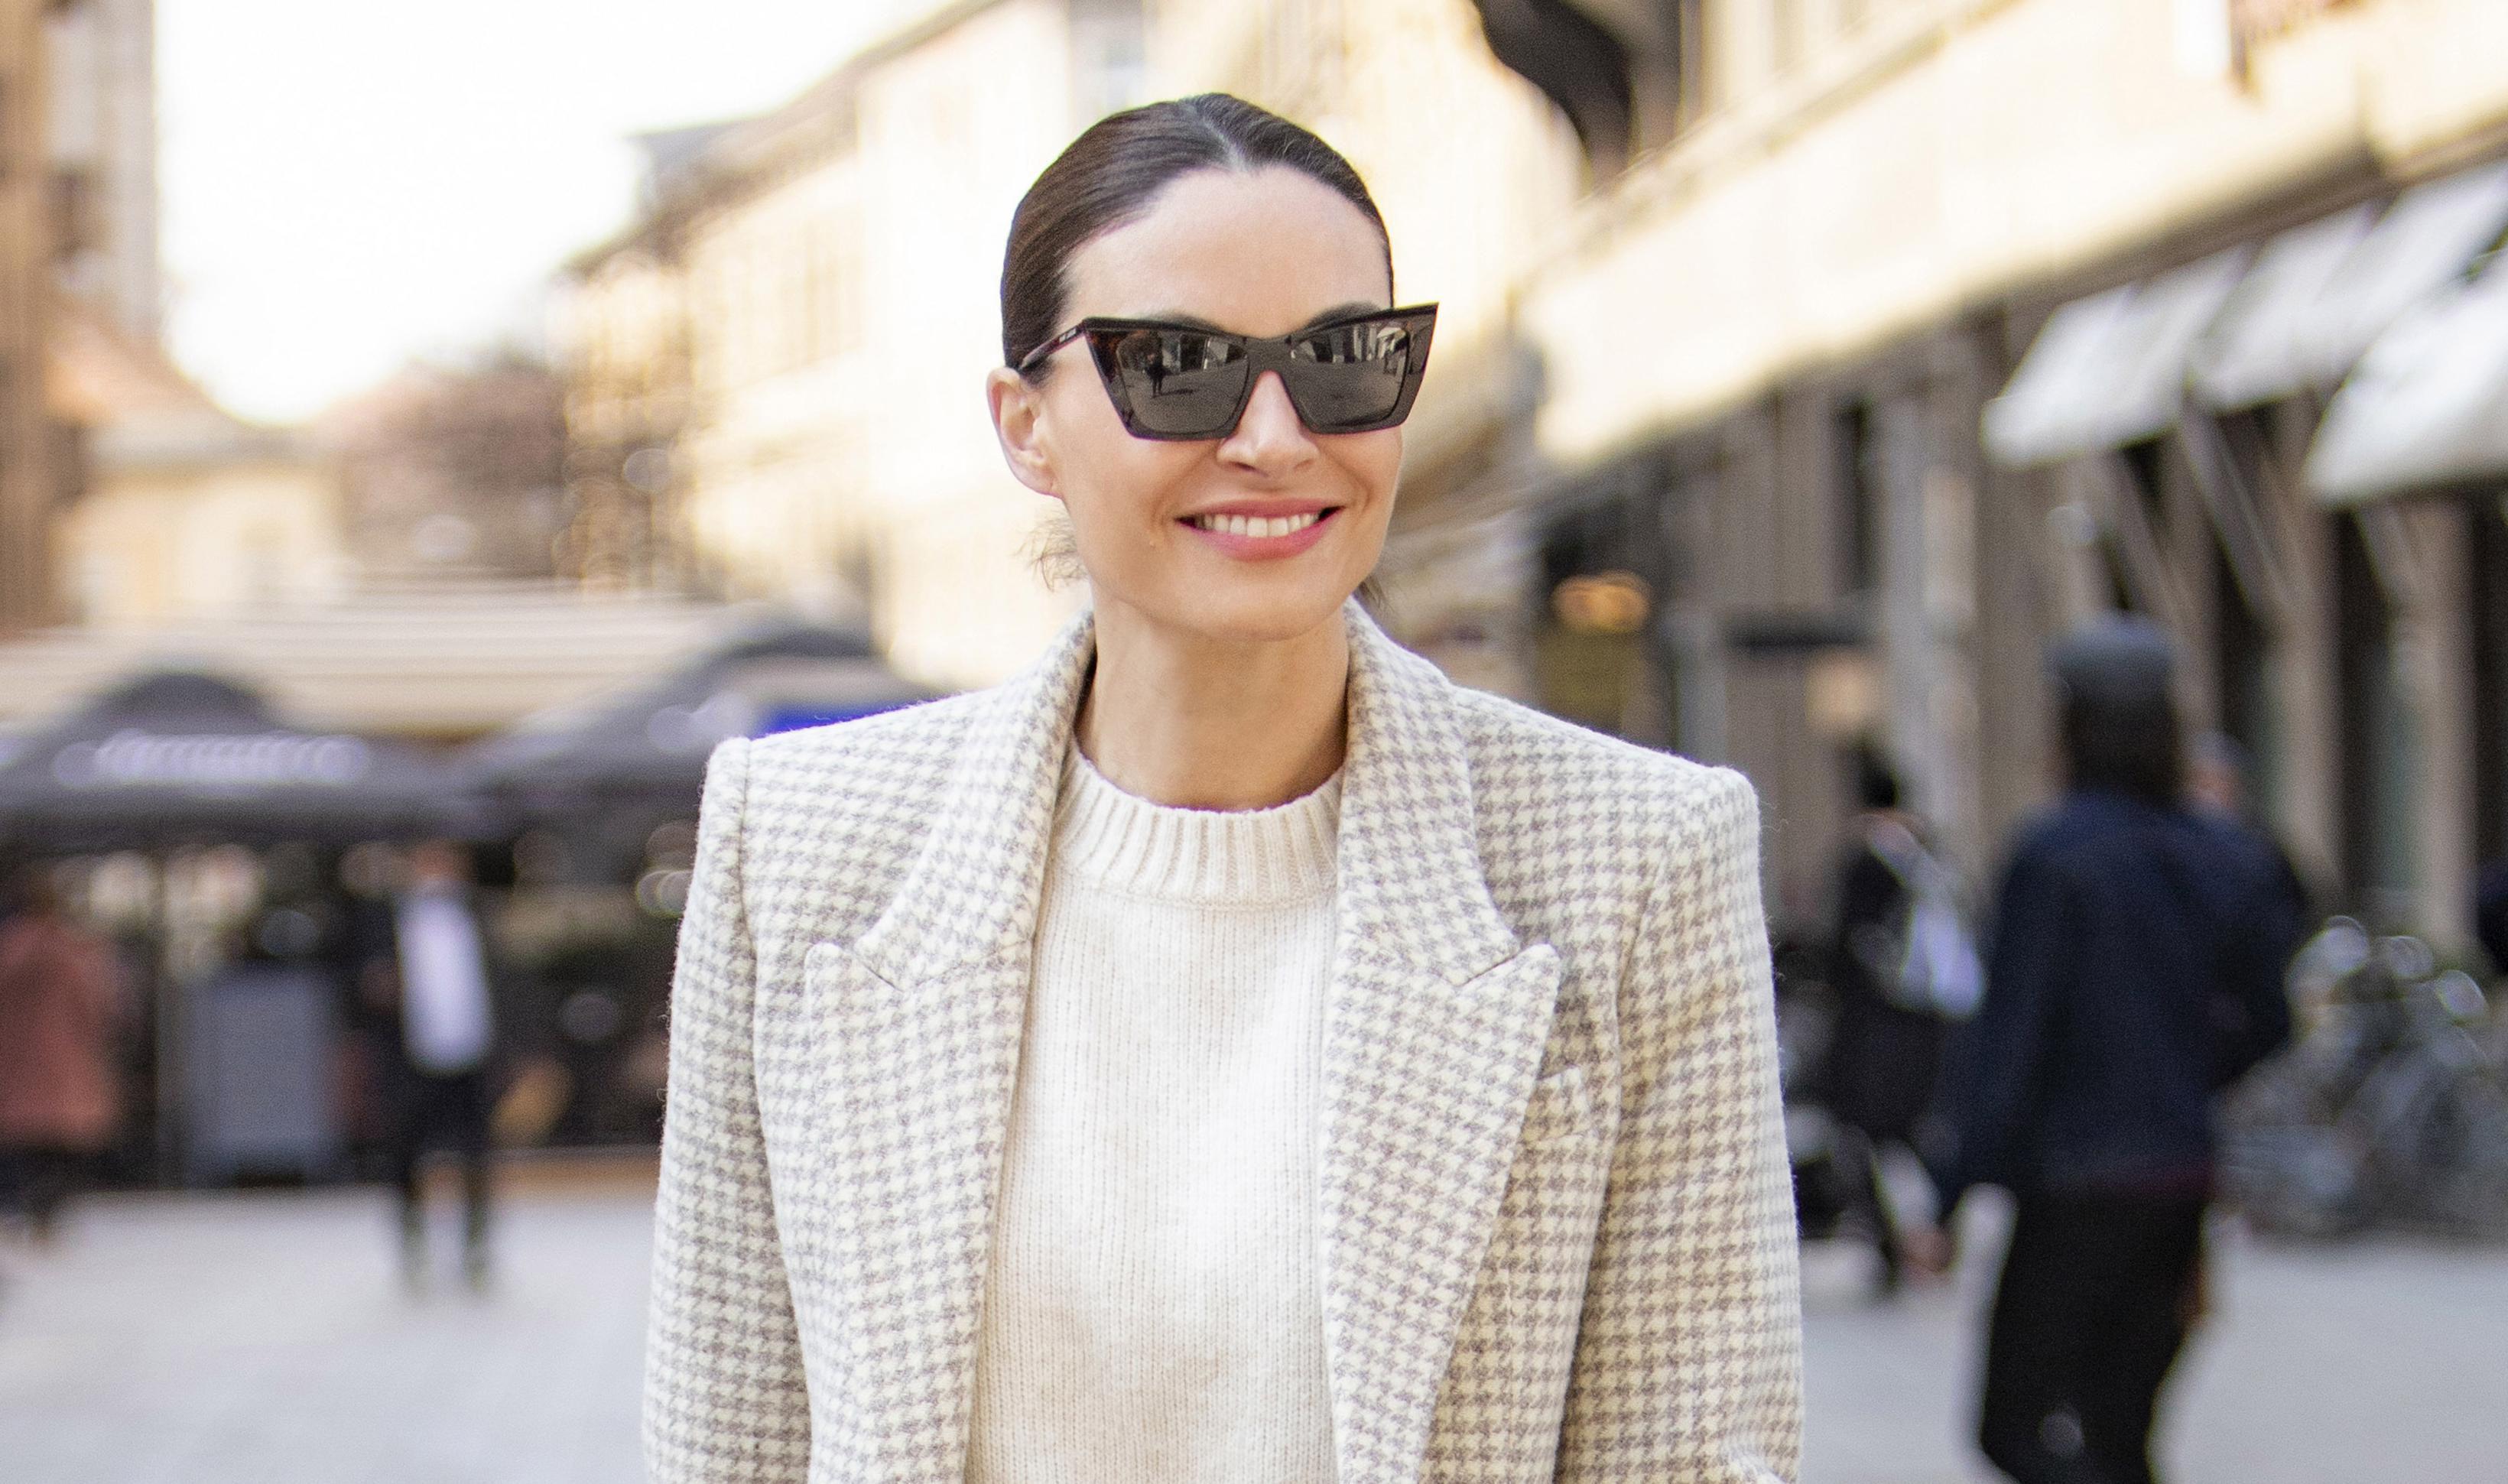 Elegancija za svaki dan: 'Od uzoraka nosim samo diskretne, a nikad ne bih nosila platforme'